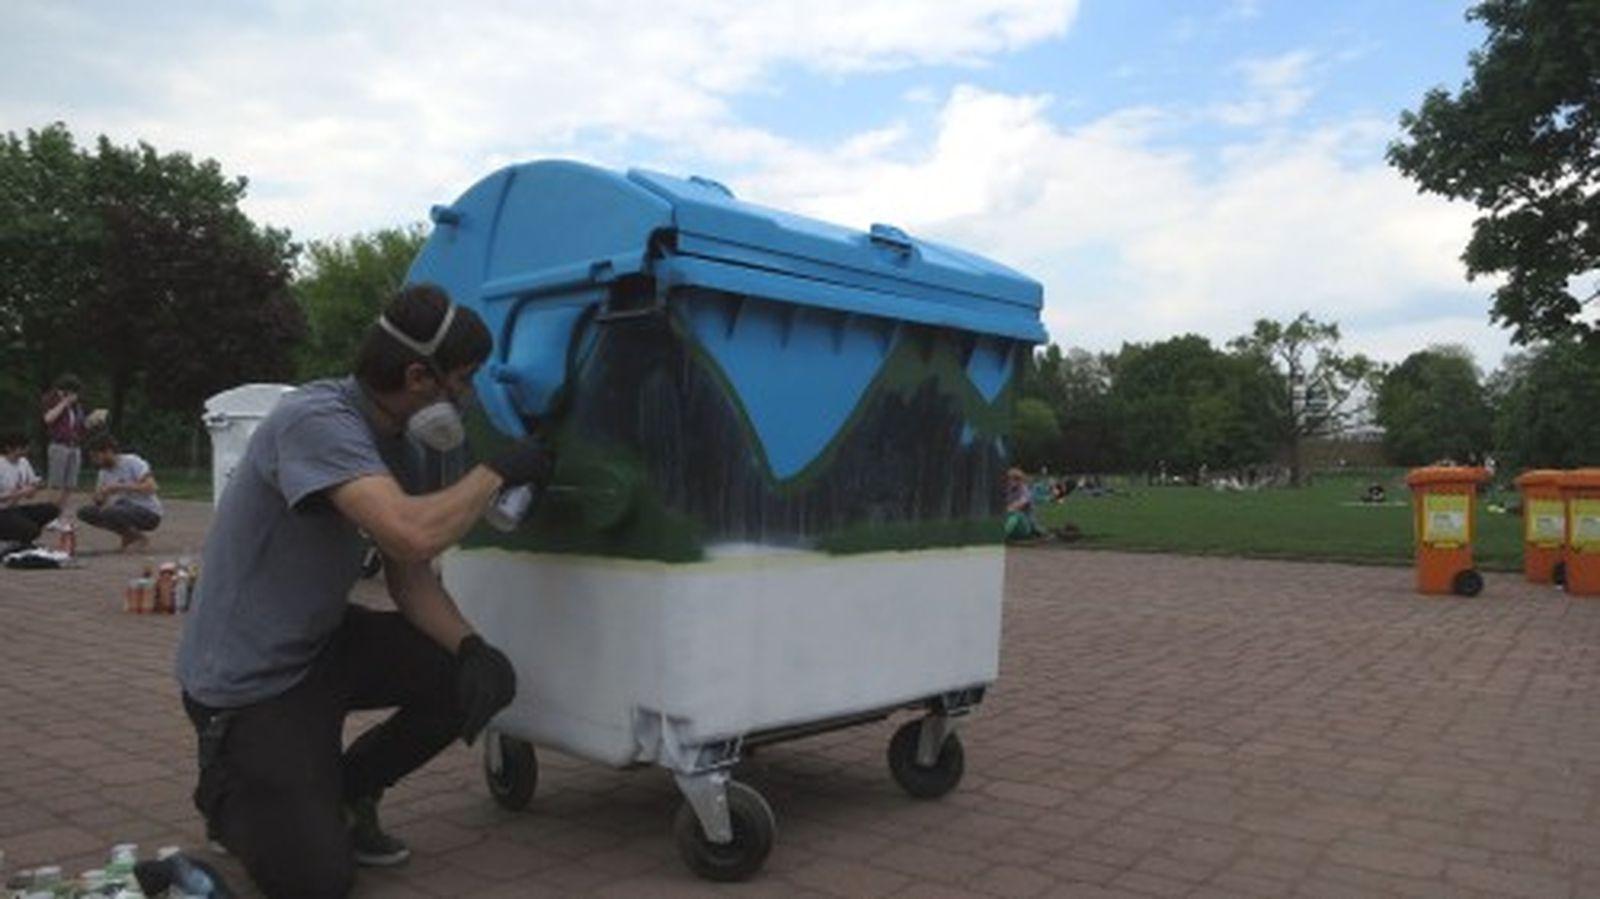 Am Nachmittag gestalteten Graffiti-Künstler die großen Tonnen.